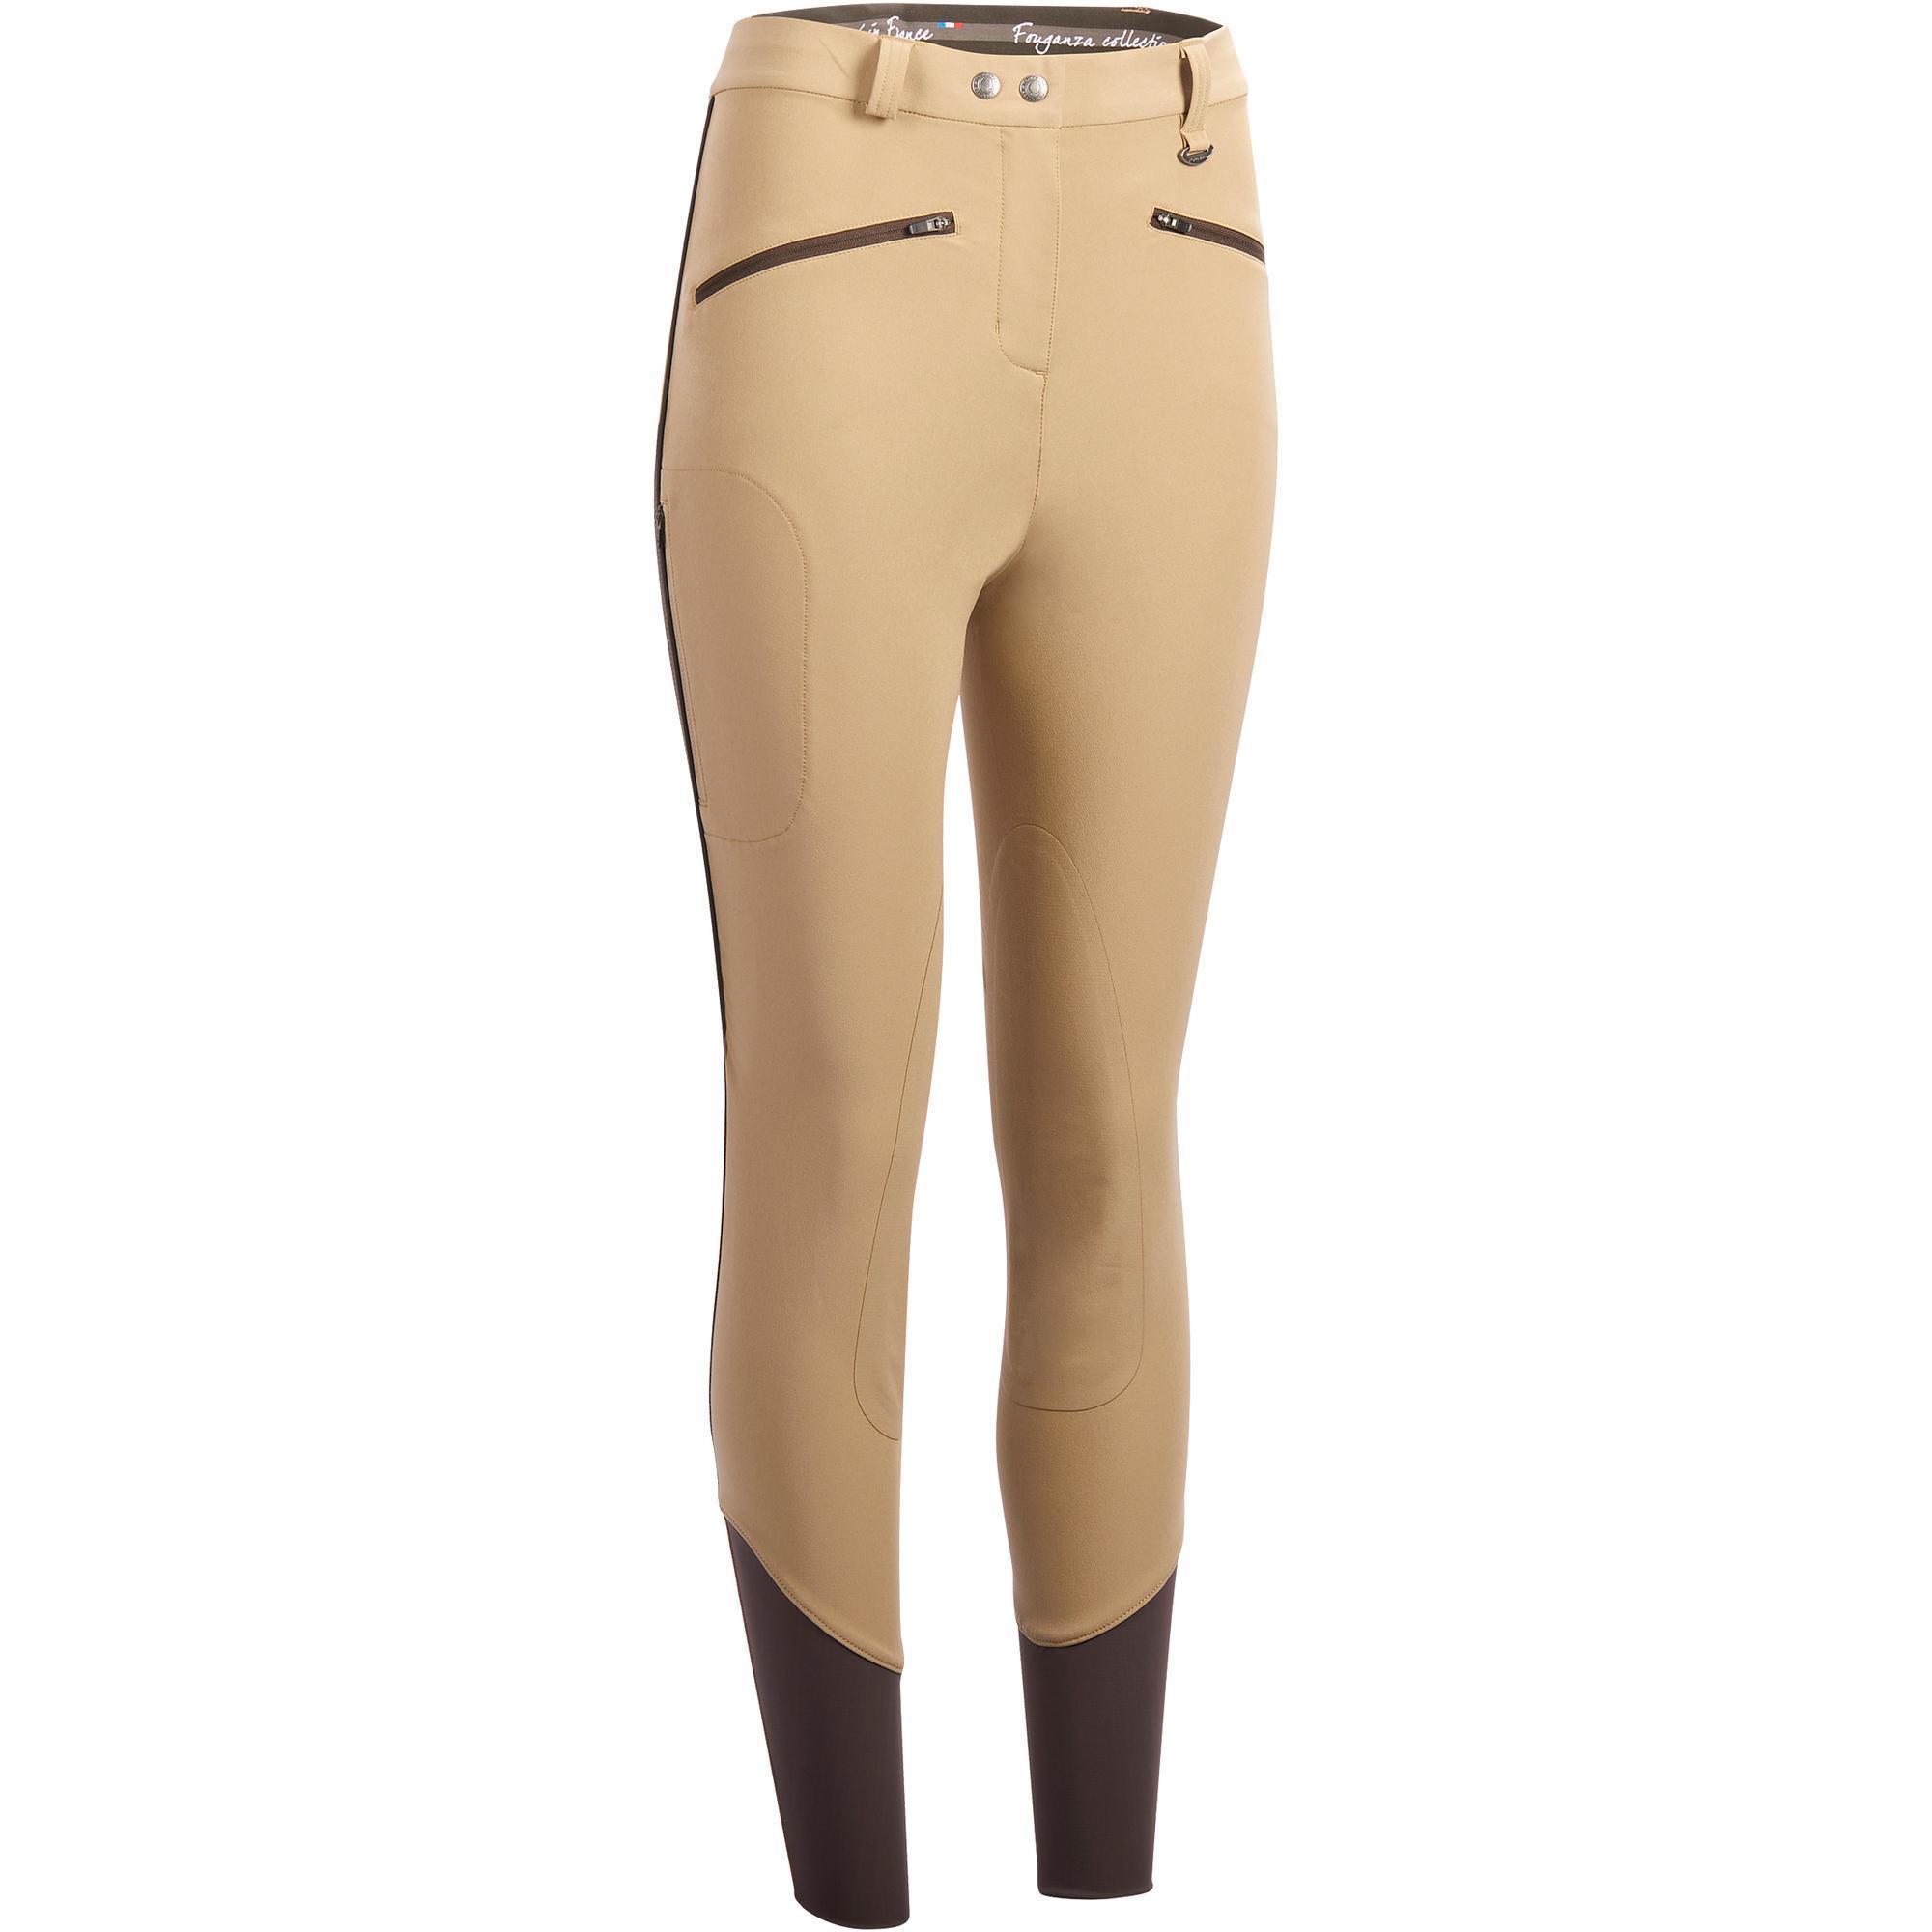 Reithose BR500 Mesh Damen Kniebesatz beige/braun | Sportbekleidung > Sporthosen > Sonstige Sporthosen | Beige - Braun | Lycra | Fouganza